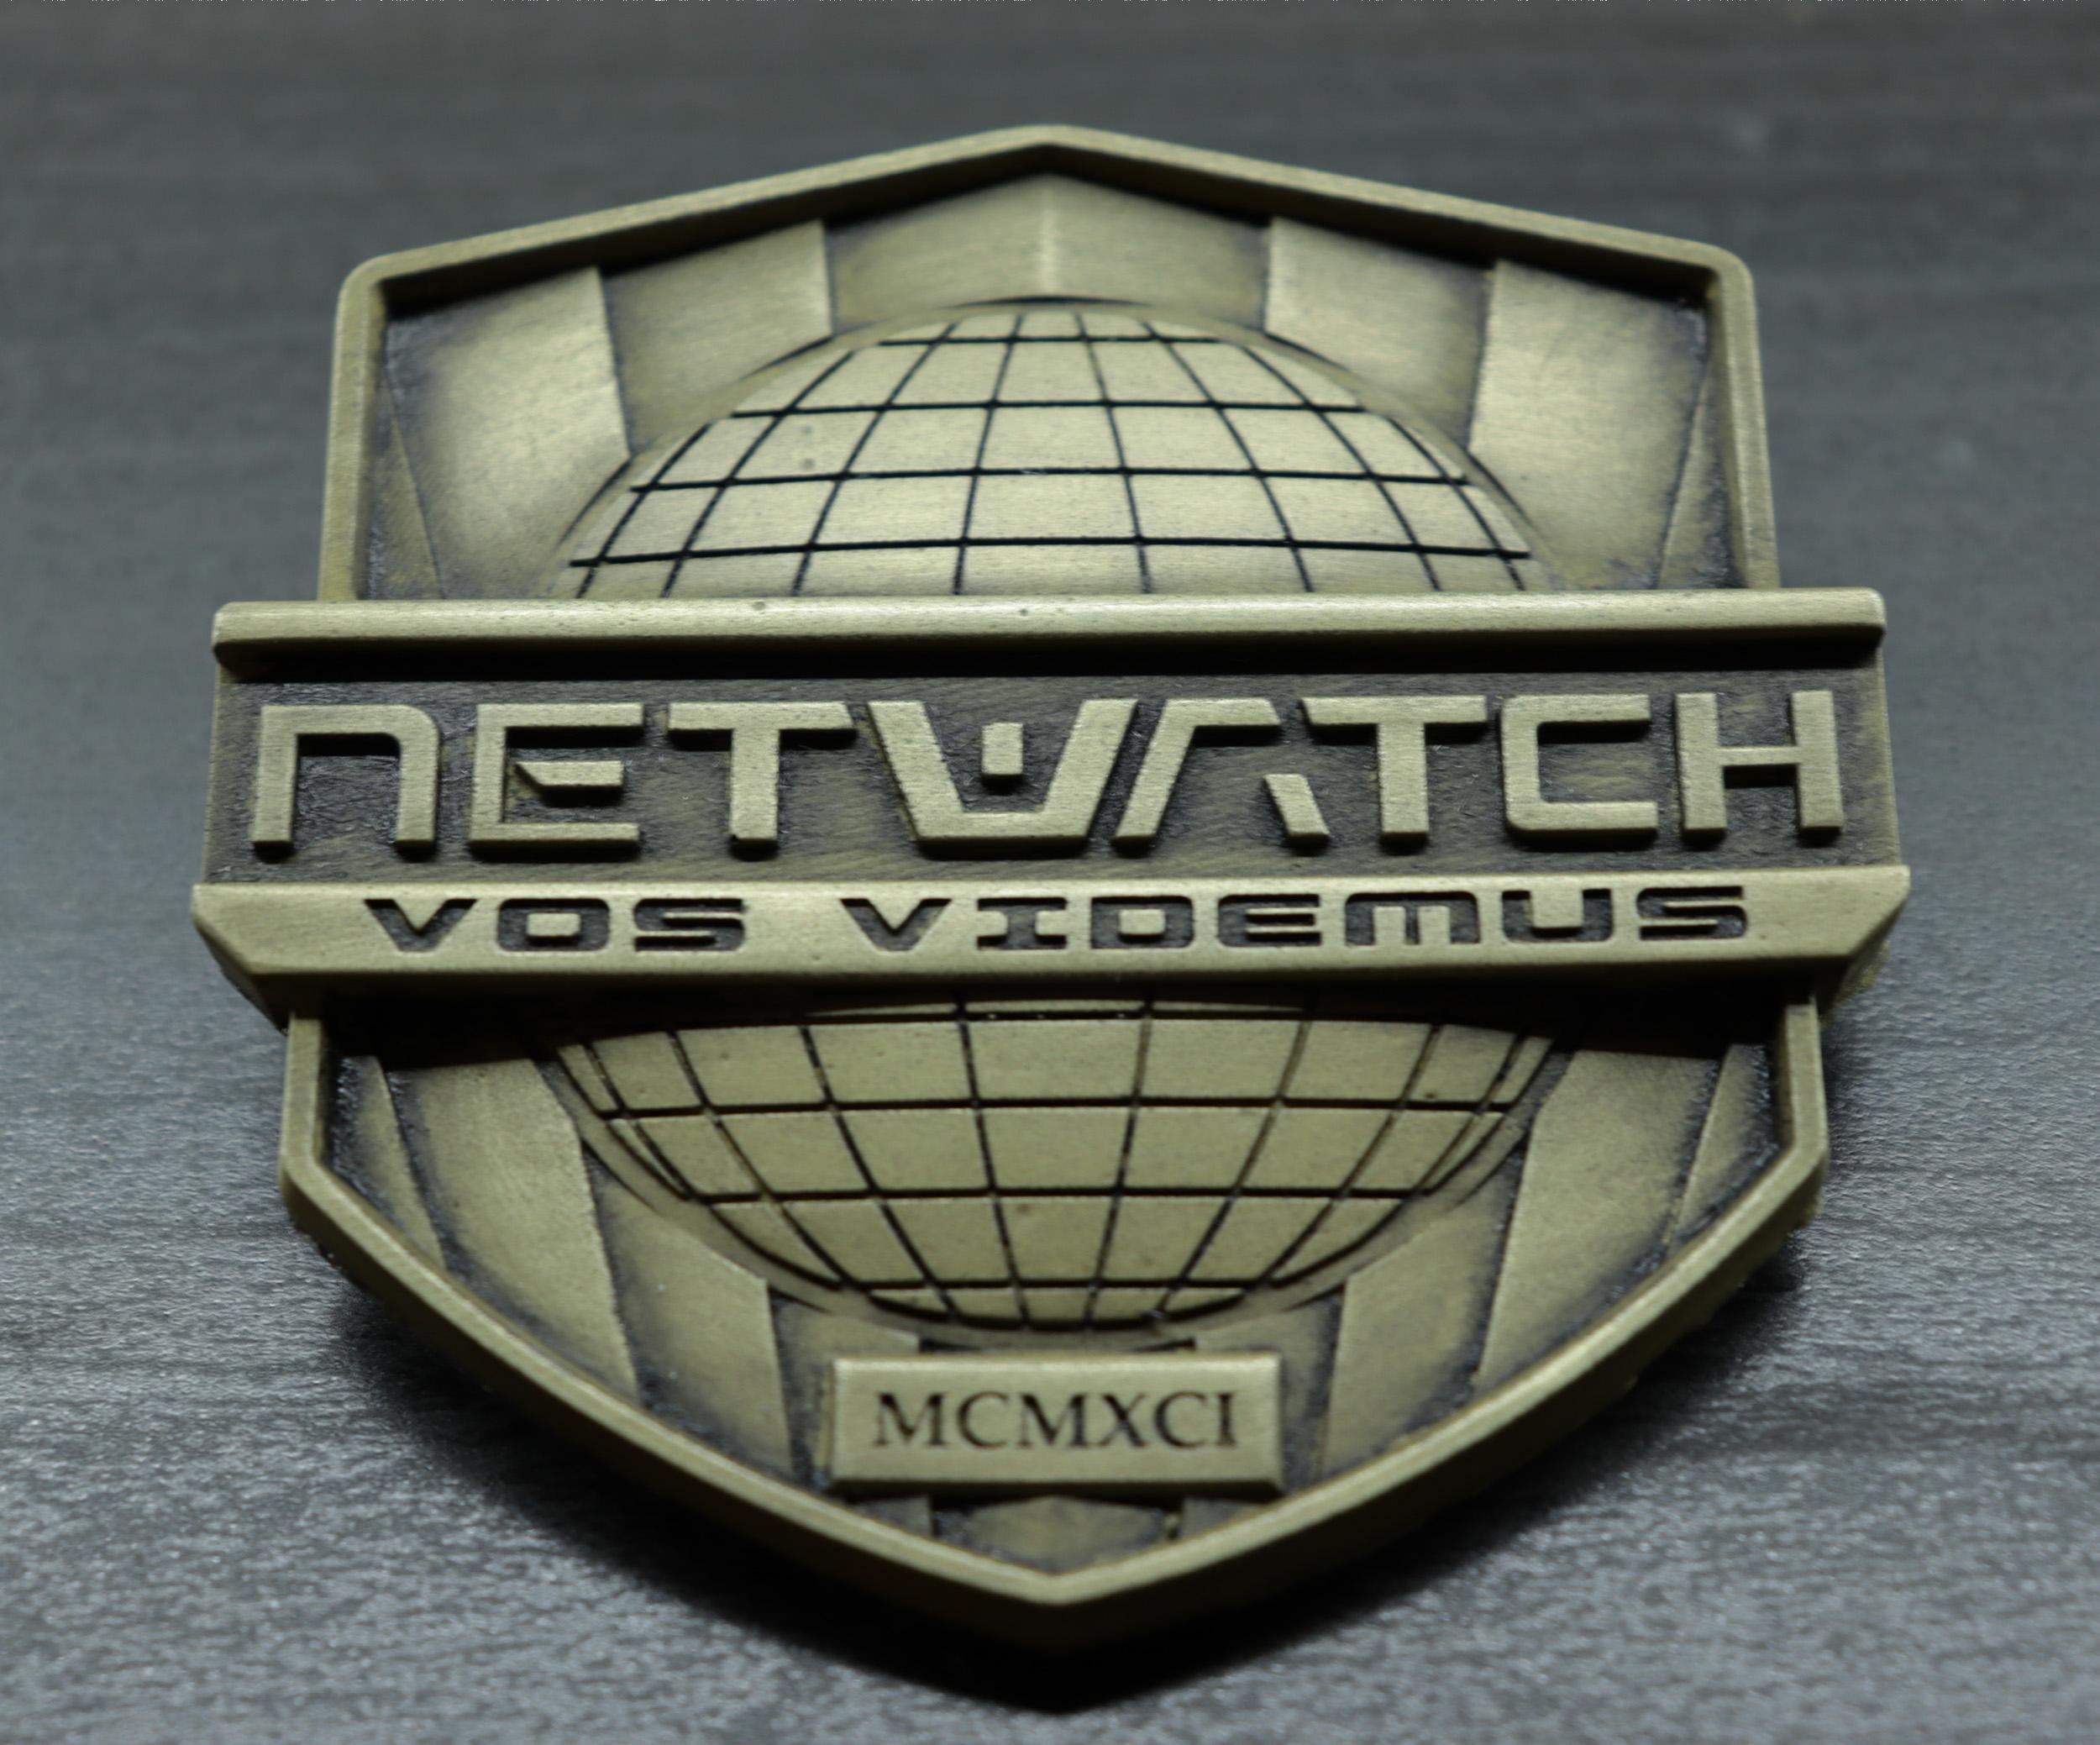 NetwatchDetailCastBrass.jpg